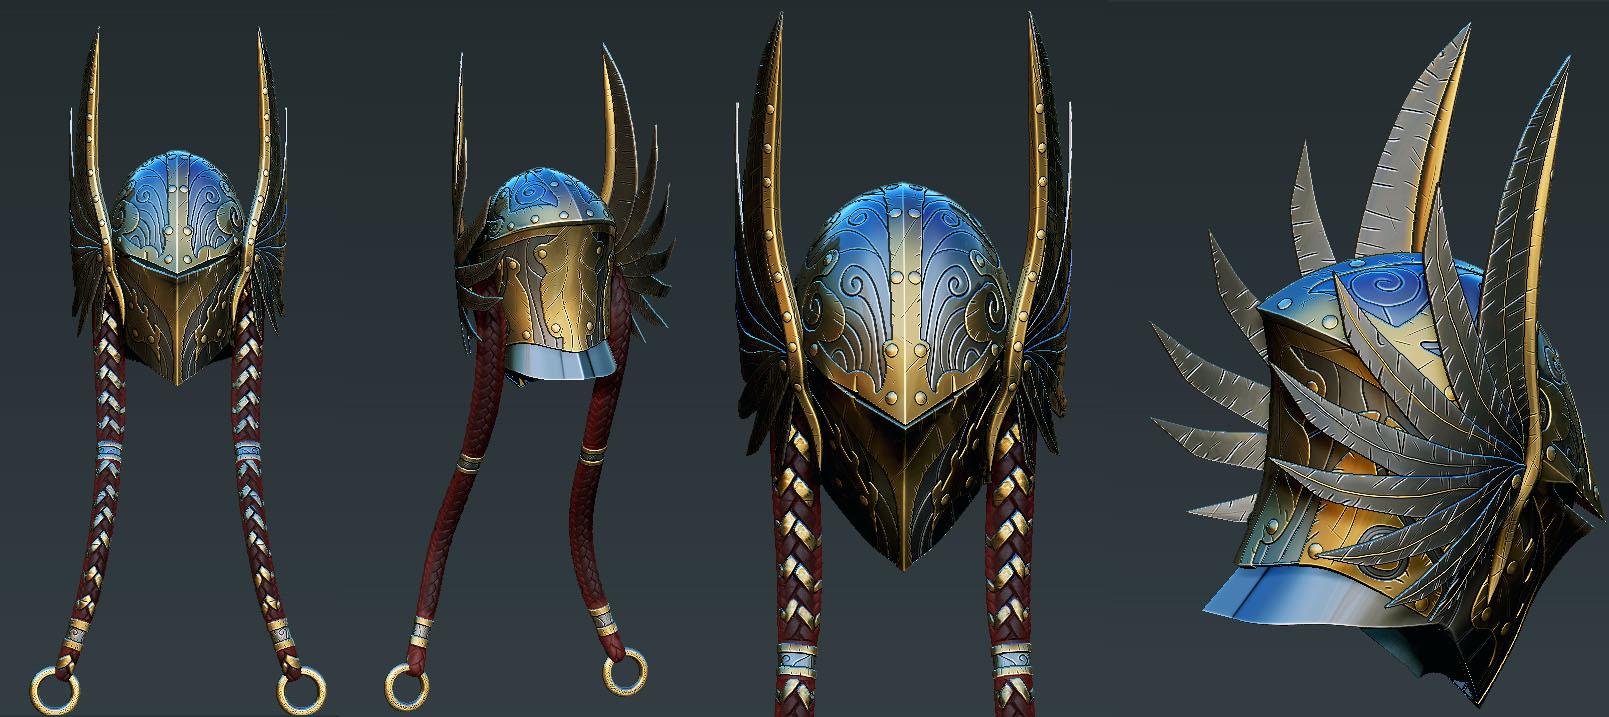 valkyrie_armor_helmet_for_skyrim__wip__b